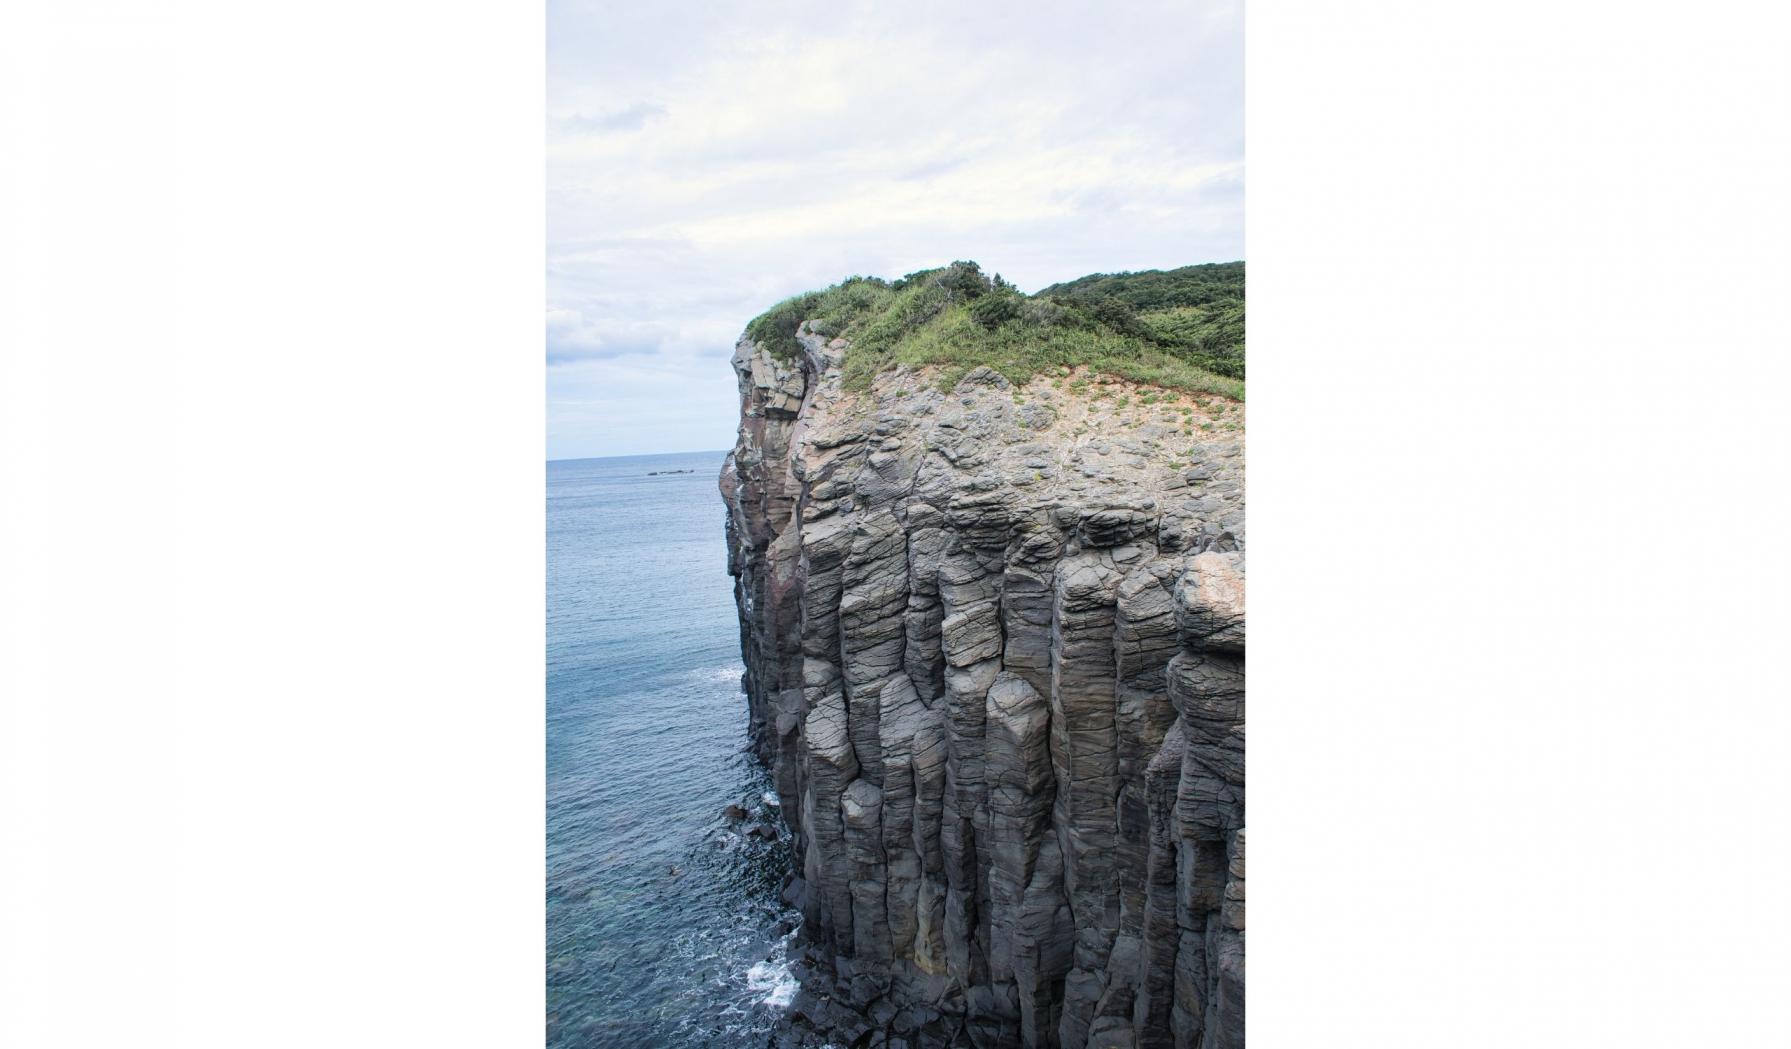 塩俵の断崖を手が届きそうな場所で見ることができるおすすめスポット-2